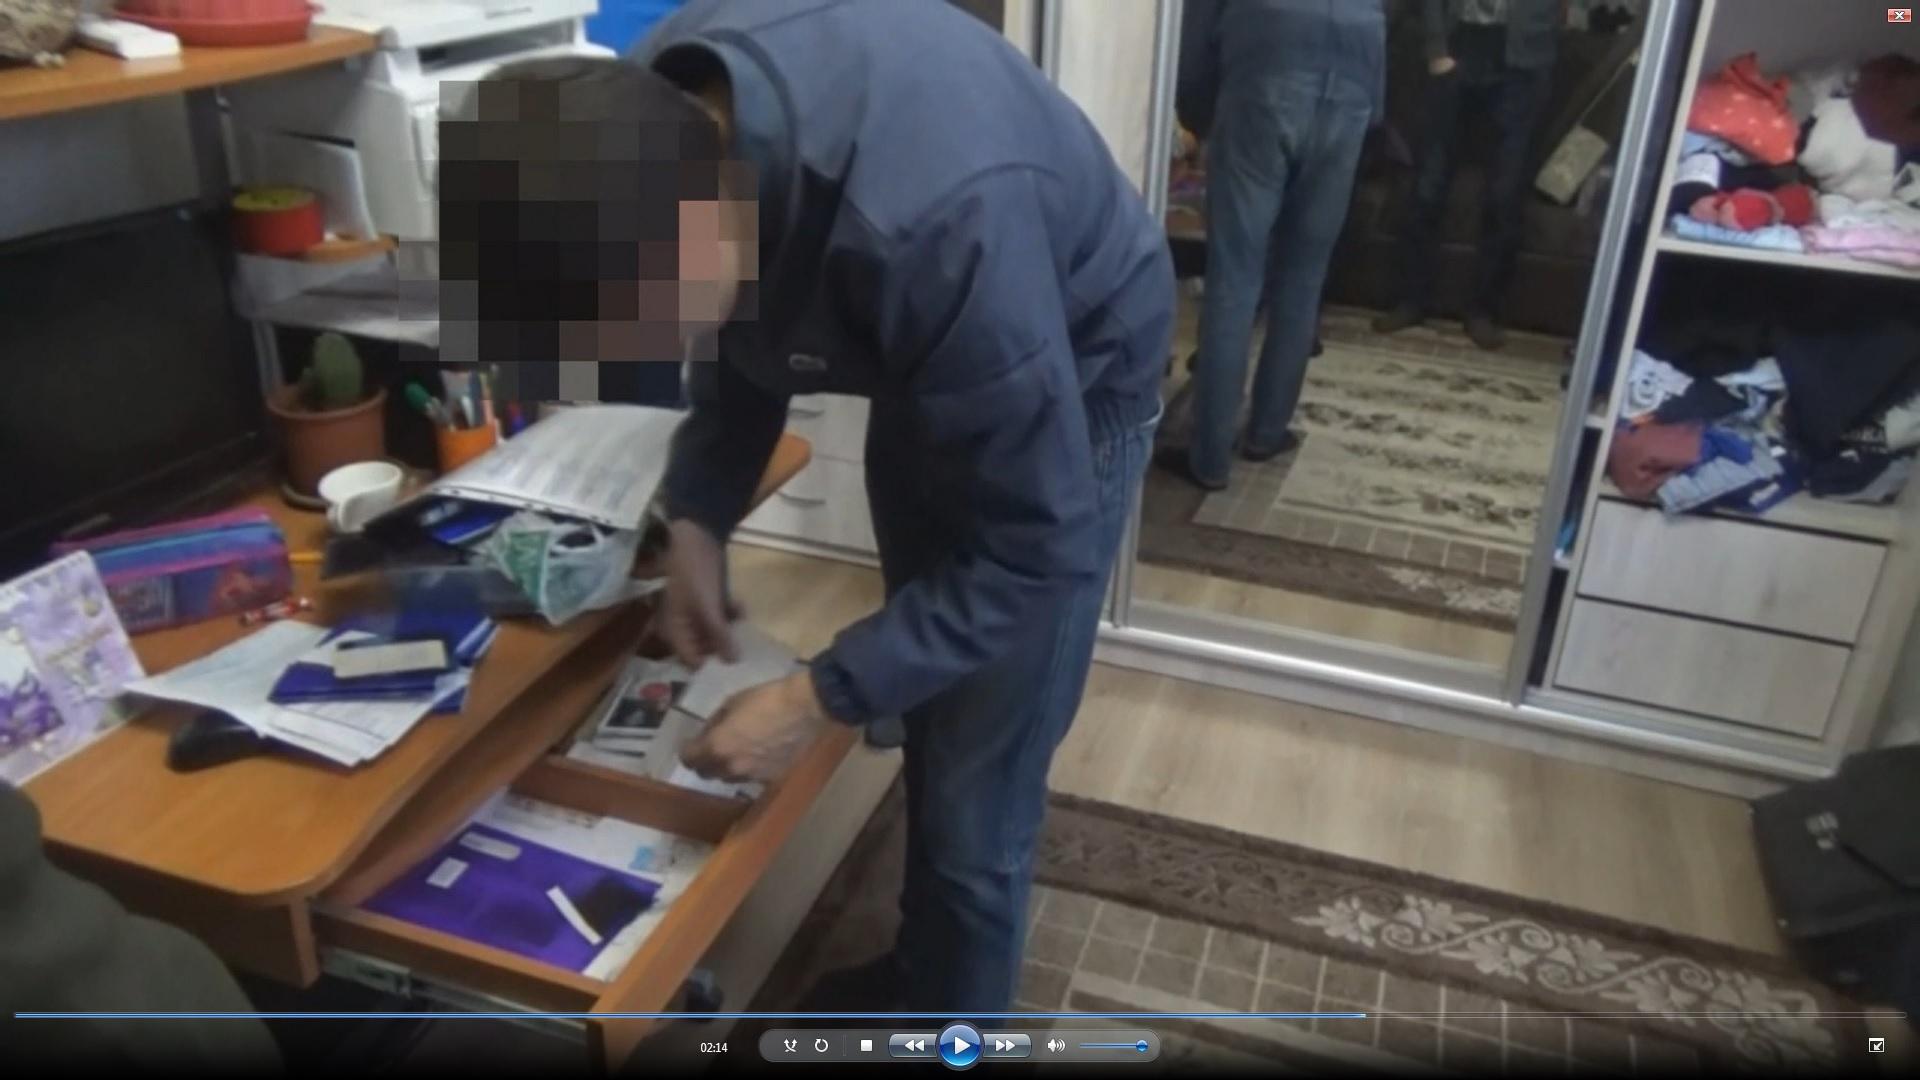 В Астане мошенников осудили на 2 года за изготовление фиктивных медицинских справок, Астана, Мошенник, Суд , Медицинская справка